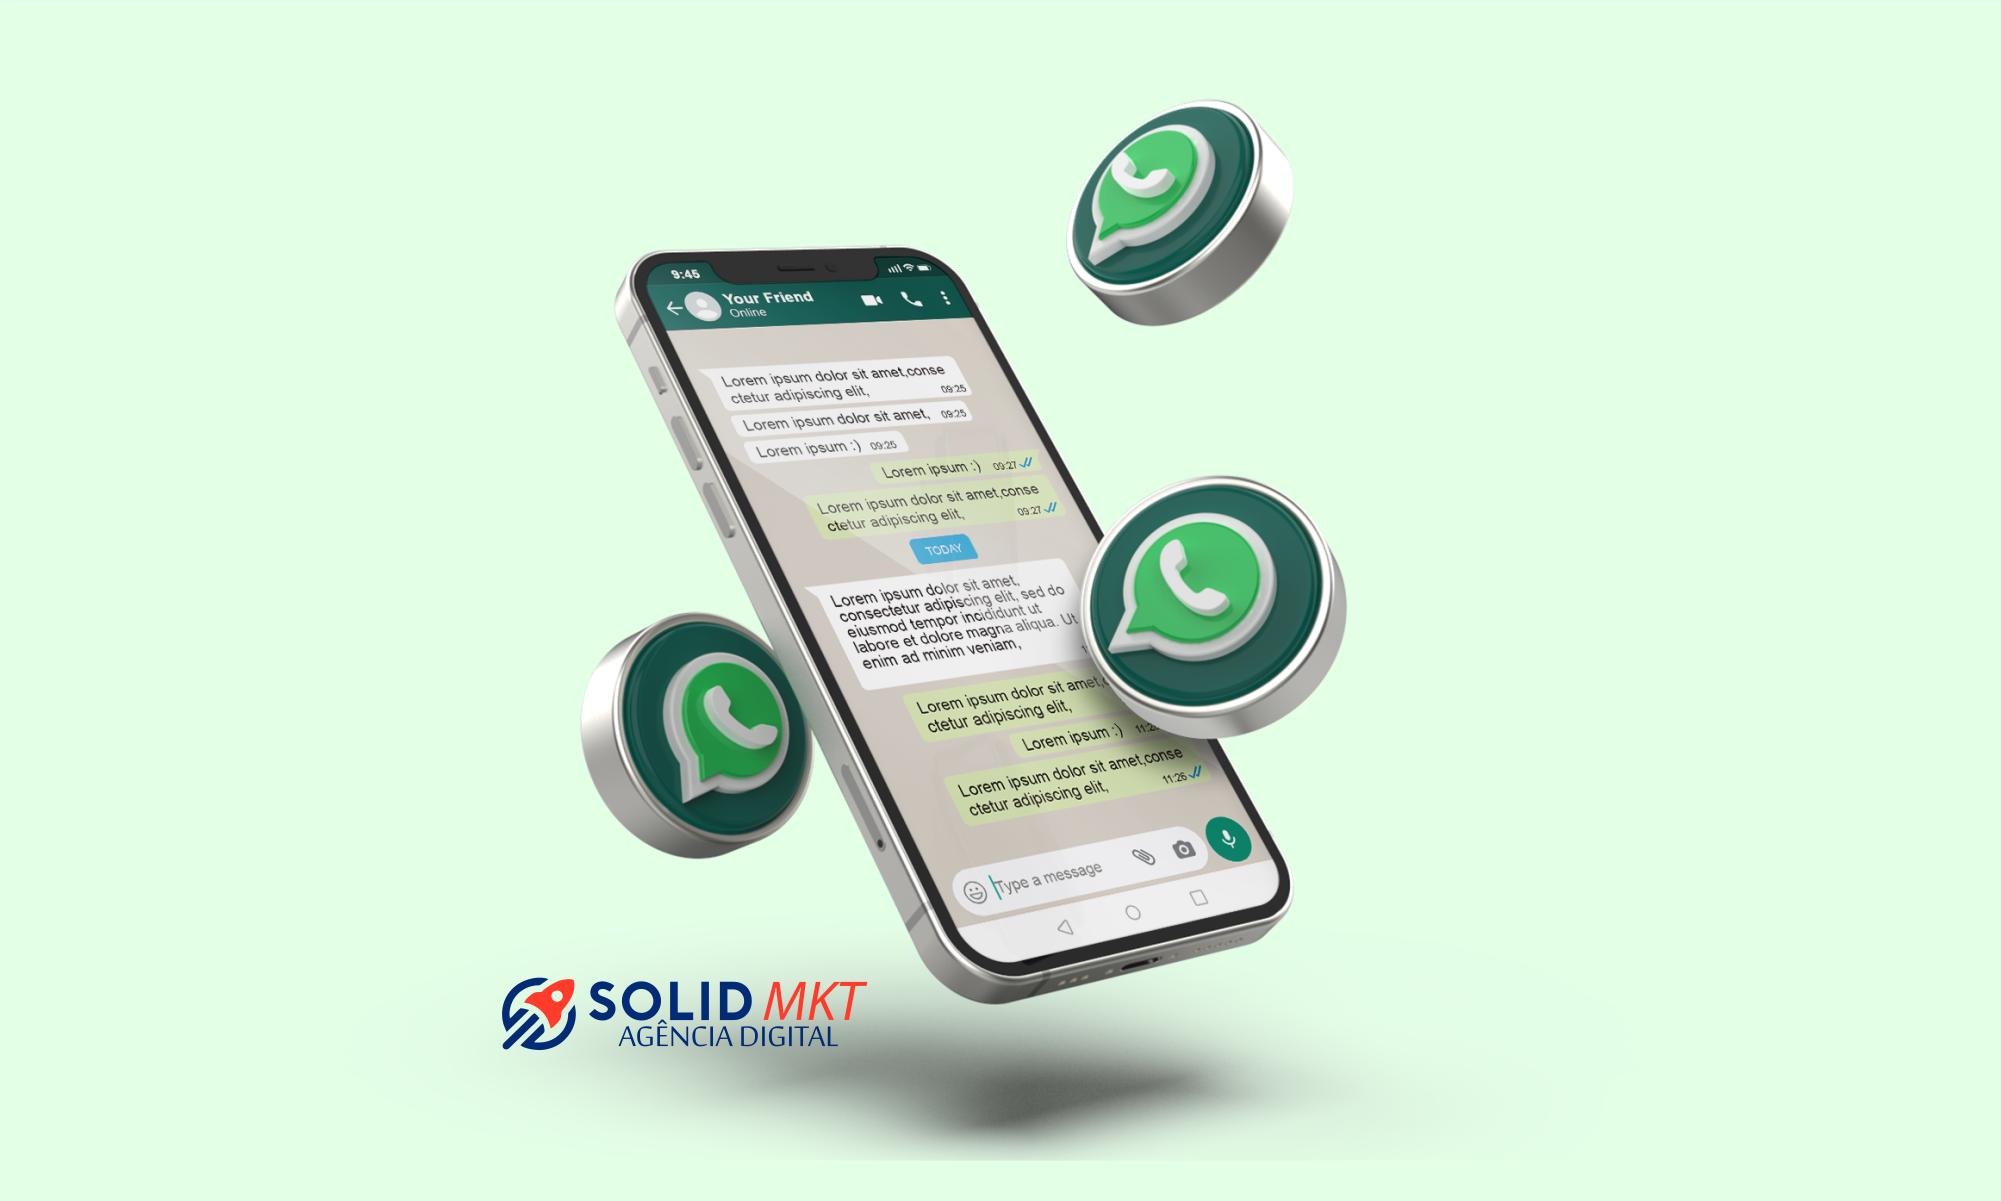 Agência Solid - Marketing no WhatsApp como utilizar o aplicativo para captar clientes